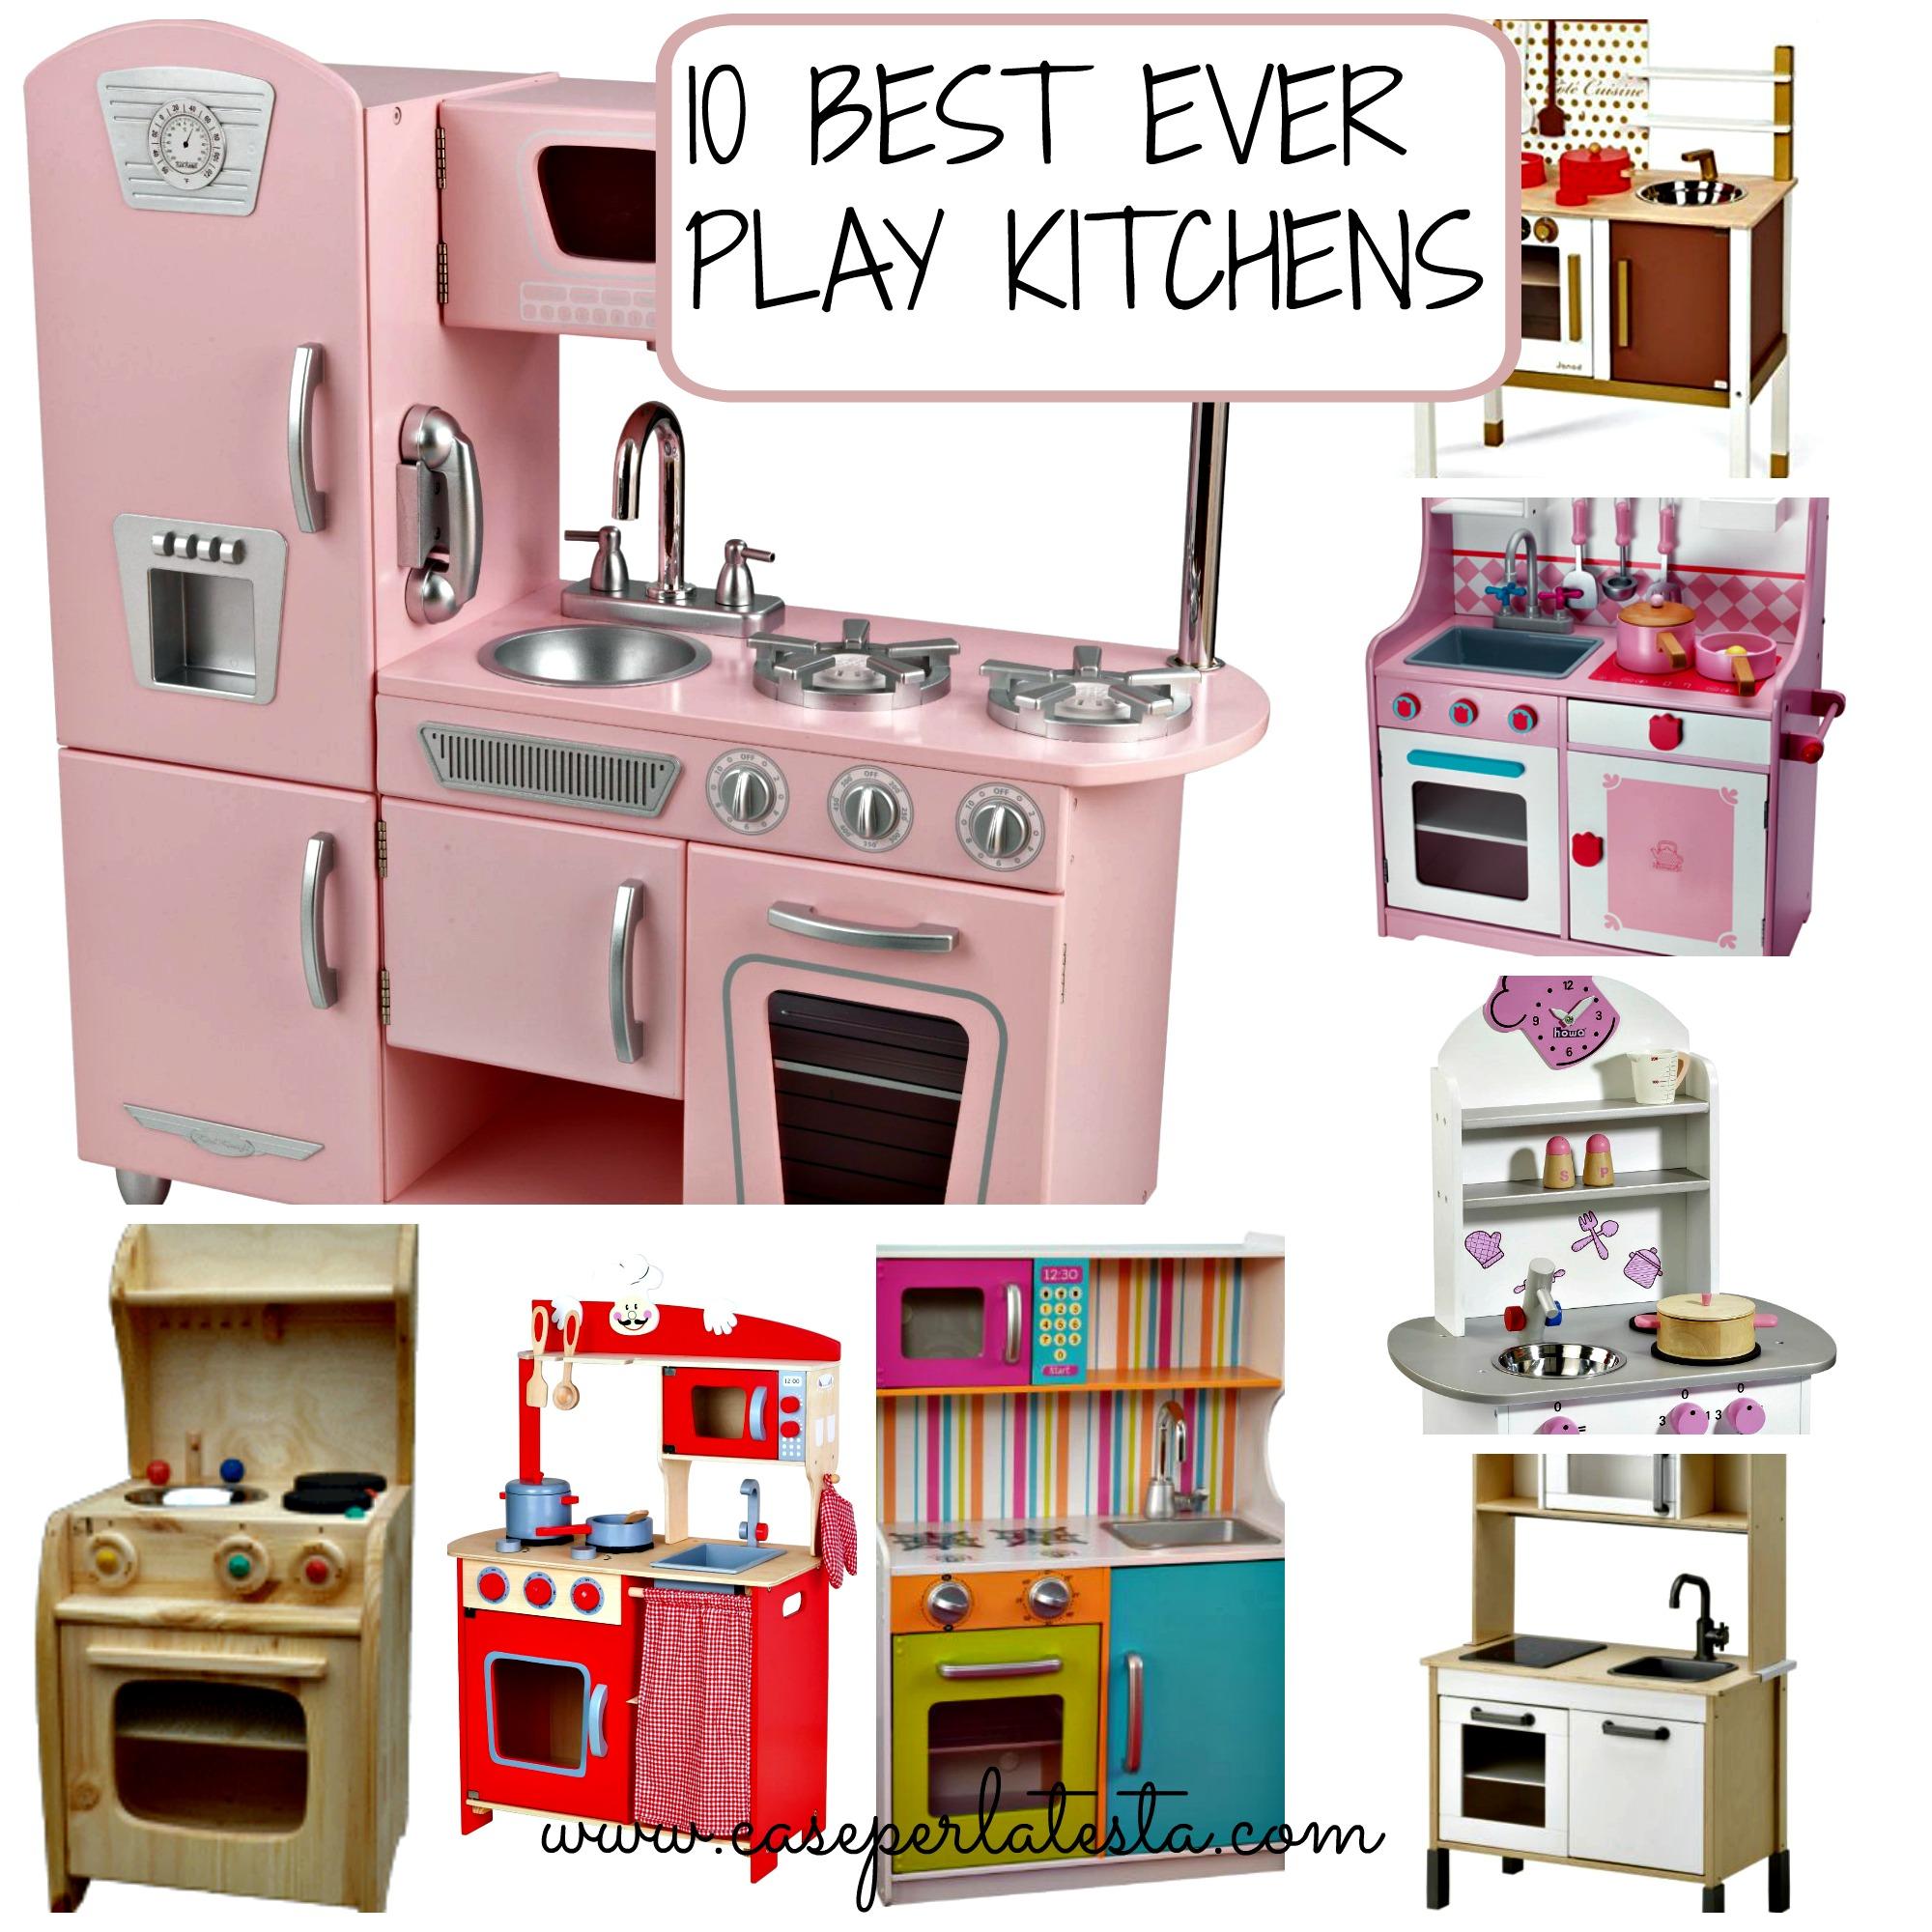 Le 10 migliori cucine giocattolo in legno top 10 best - Le migliori cucine ...